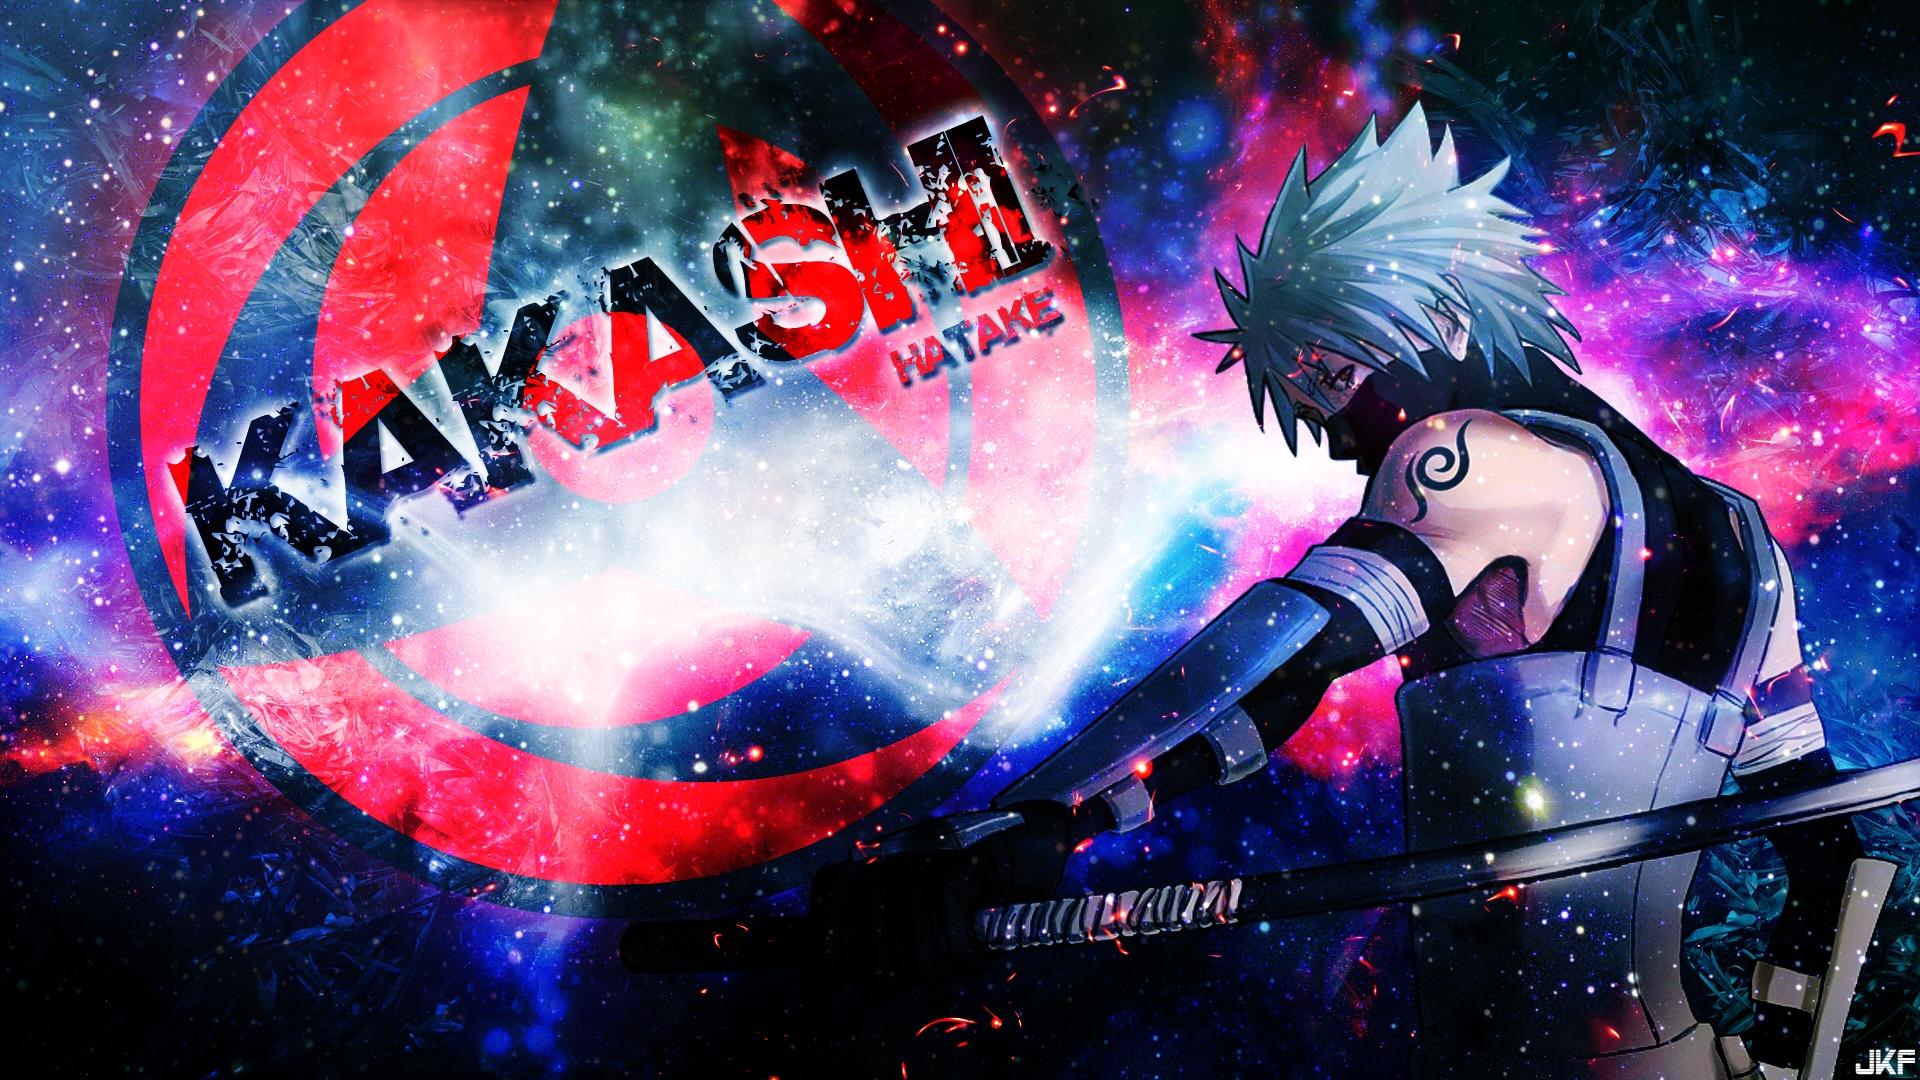 kakashi_wallpaper_by_dinocojv-d8or9i7.jpg